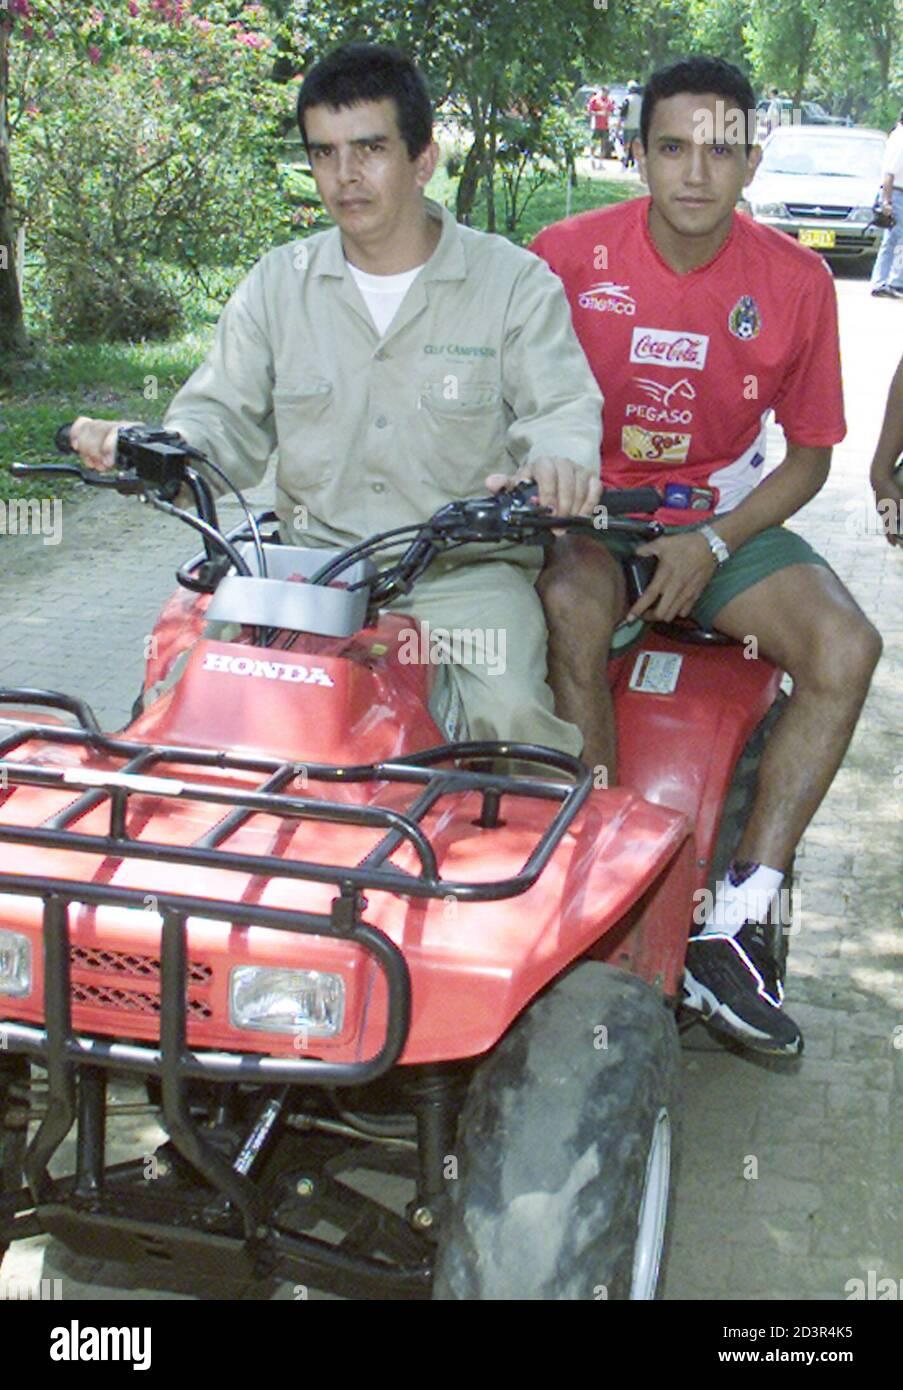 El mexicano Ramón Morales conduce un ATV al campo de entrenamiento en el Campestre Club en Cali, donde el equipo se aloja durante la Copa América, 13 de julio de 2001. México trastornó a Brasil en su primer partido del torneo y juega a Paraguay el 15 de julio. RR/SV Foto de stock